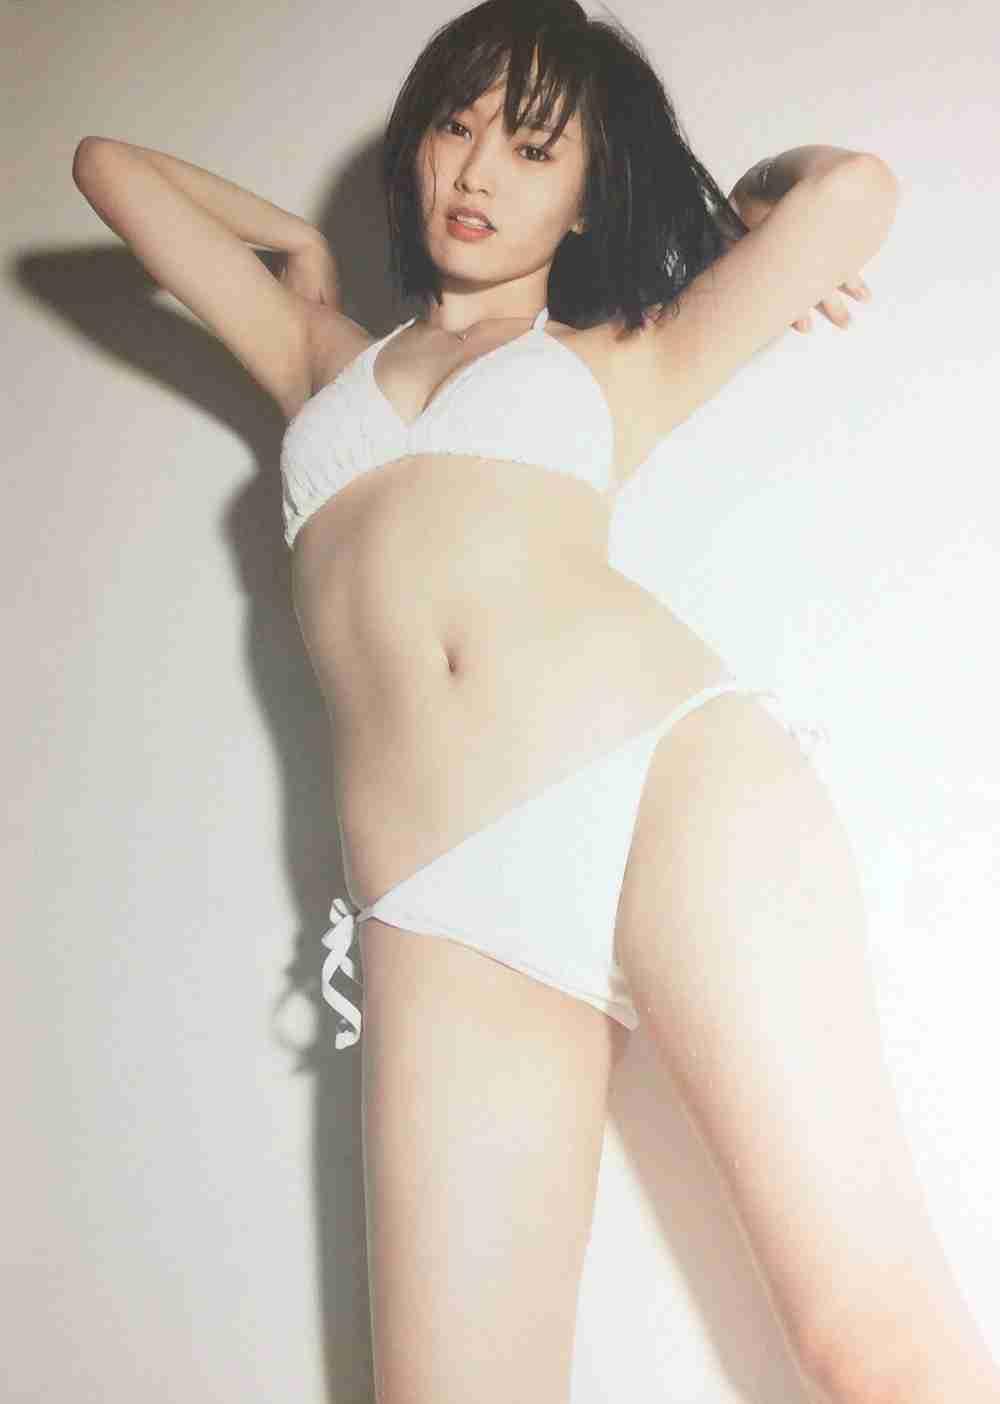 AKB48小嶋陽菜、写真集表紙で大胆カット! 網タイツ&Tバックのセクシーヒップ披露